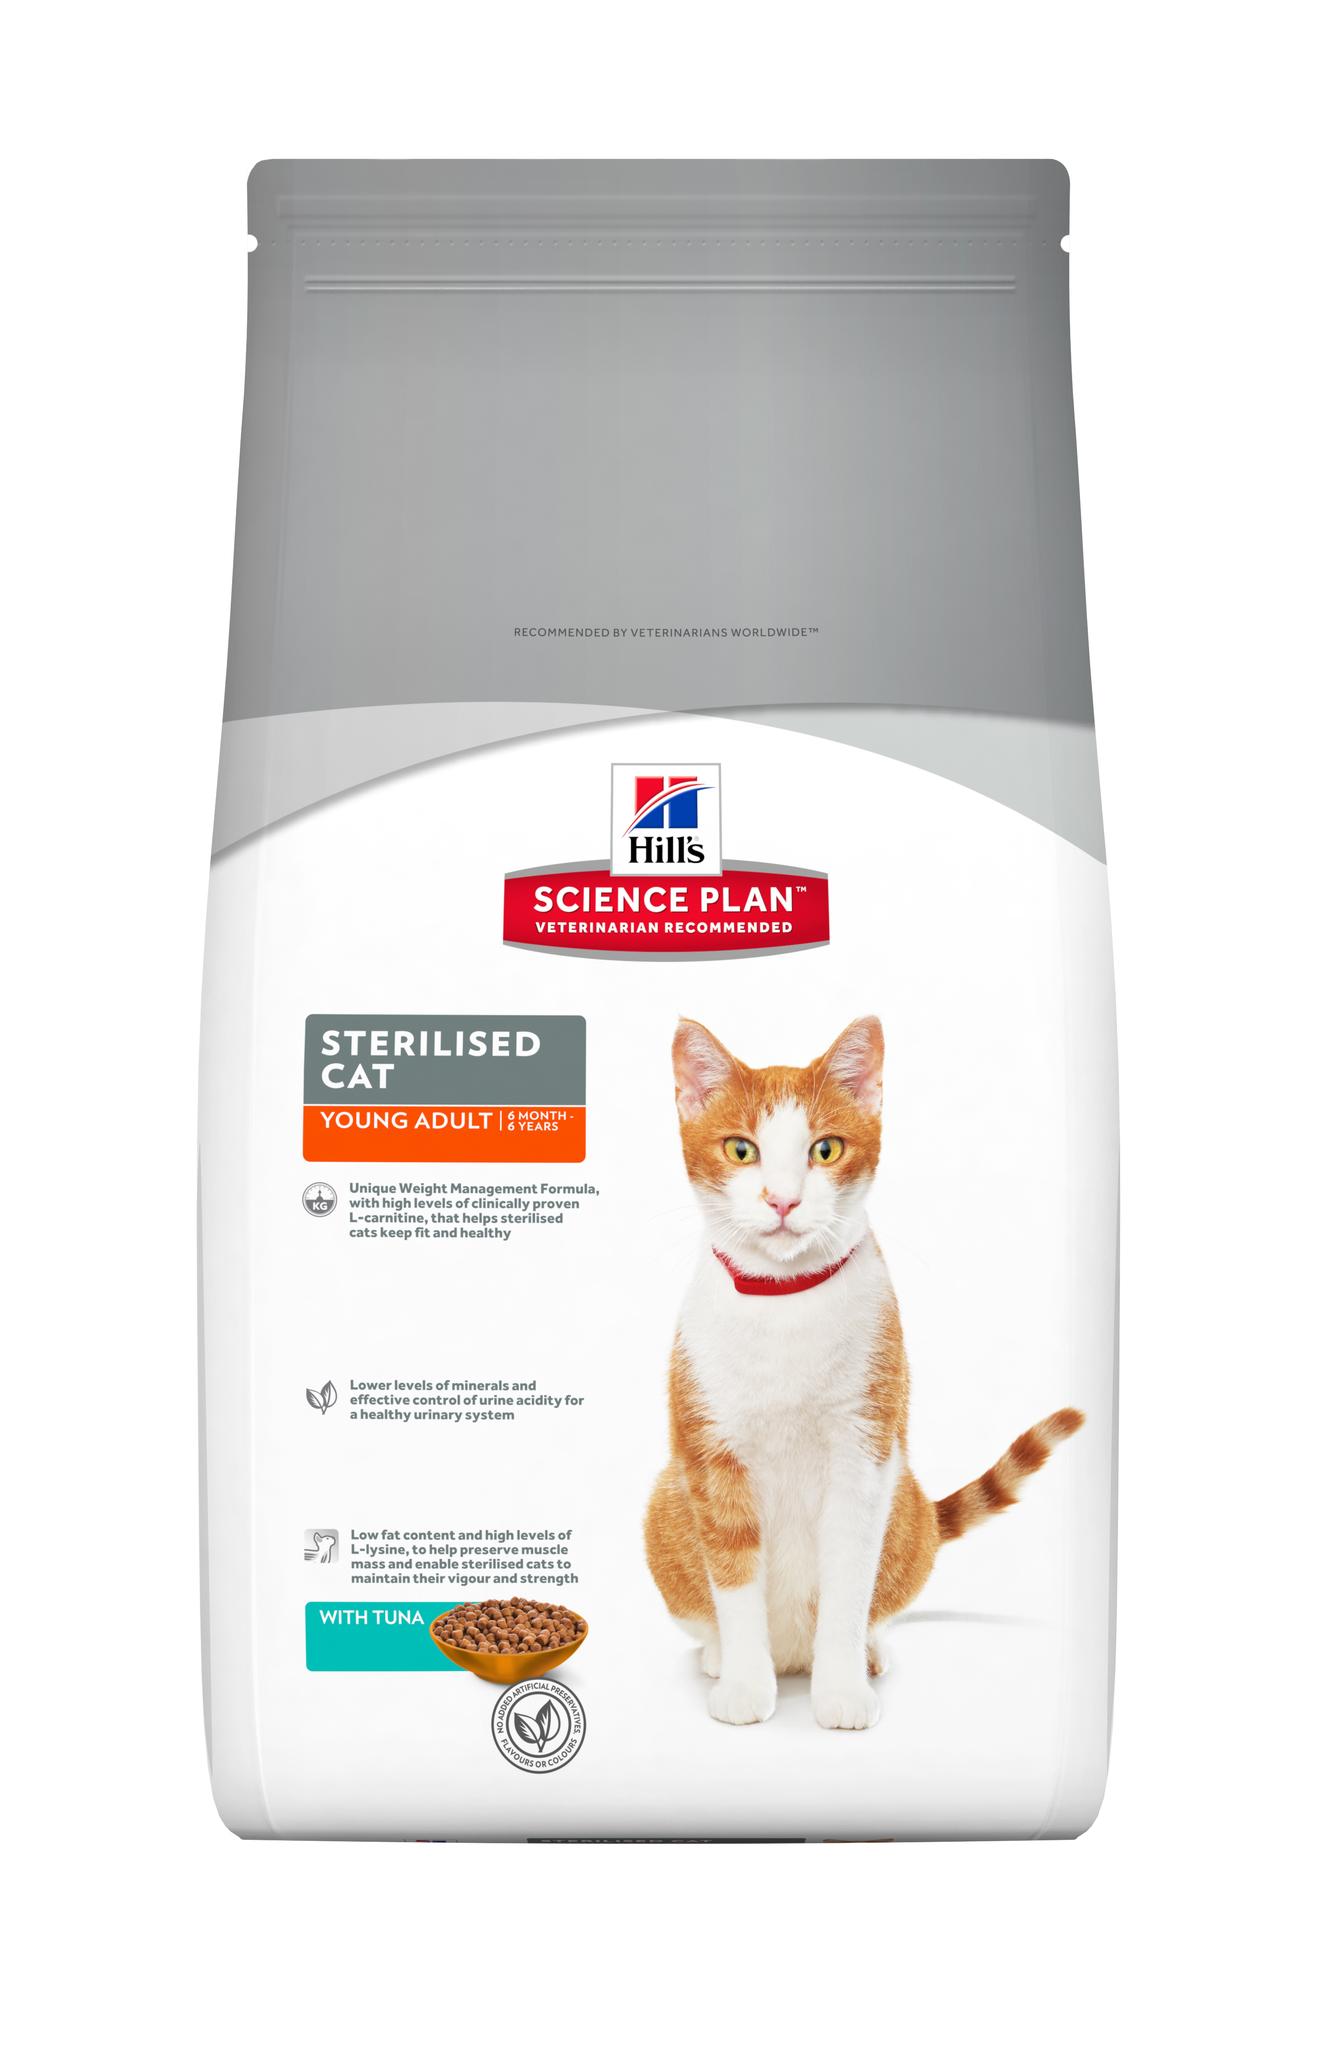 купить хиллс Hill's™ Science Plan™ Feline Sterilised Cat Young Adult with Tuna сухой корм для котят и стерилизованных кошек с 6 мес. до 6 лет с тунцом 8 кг